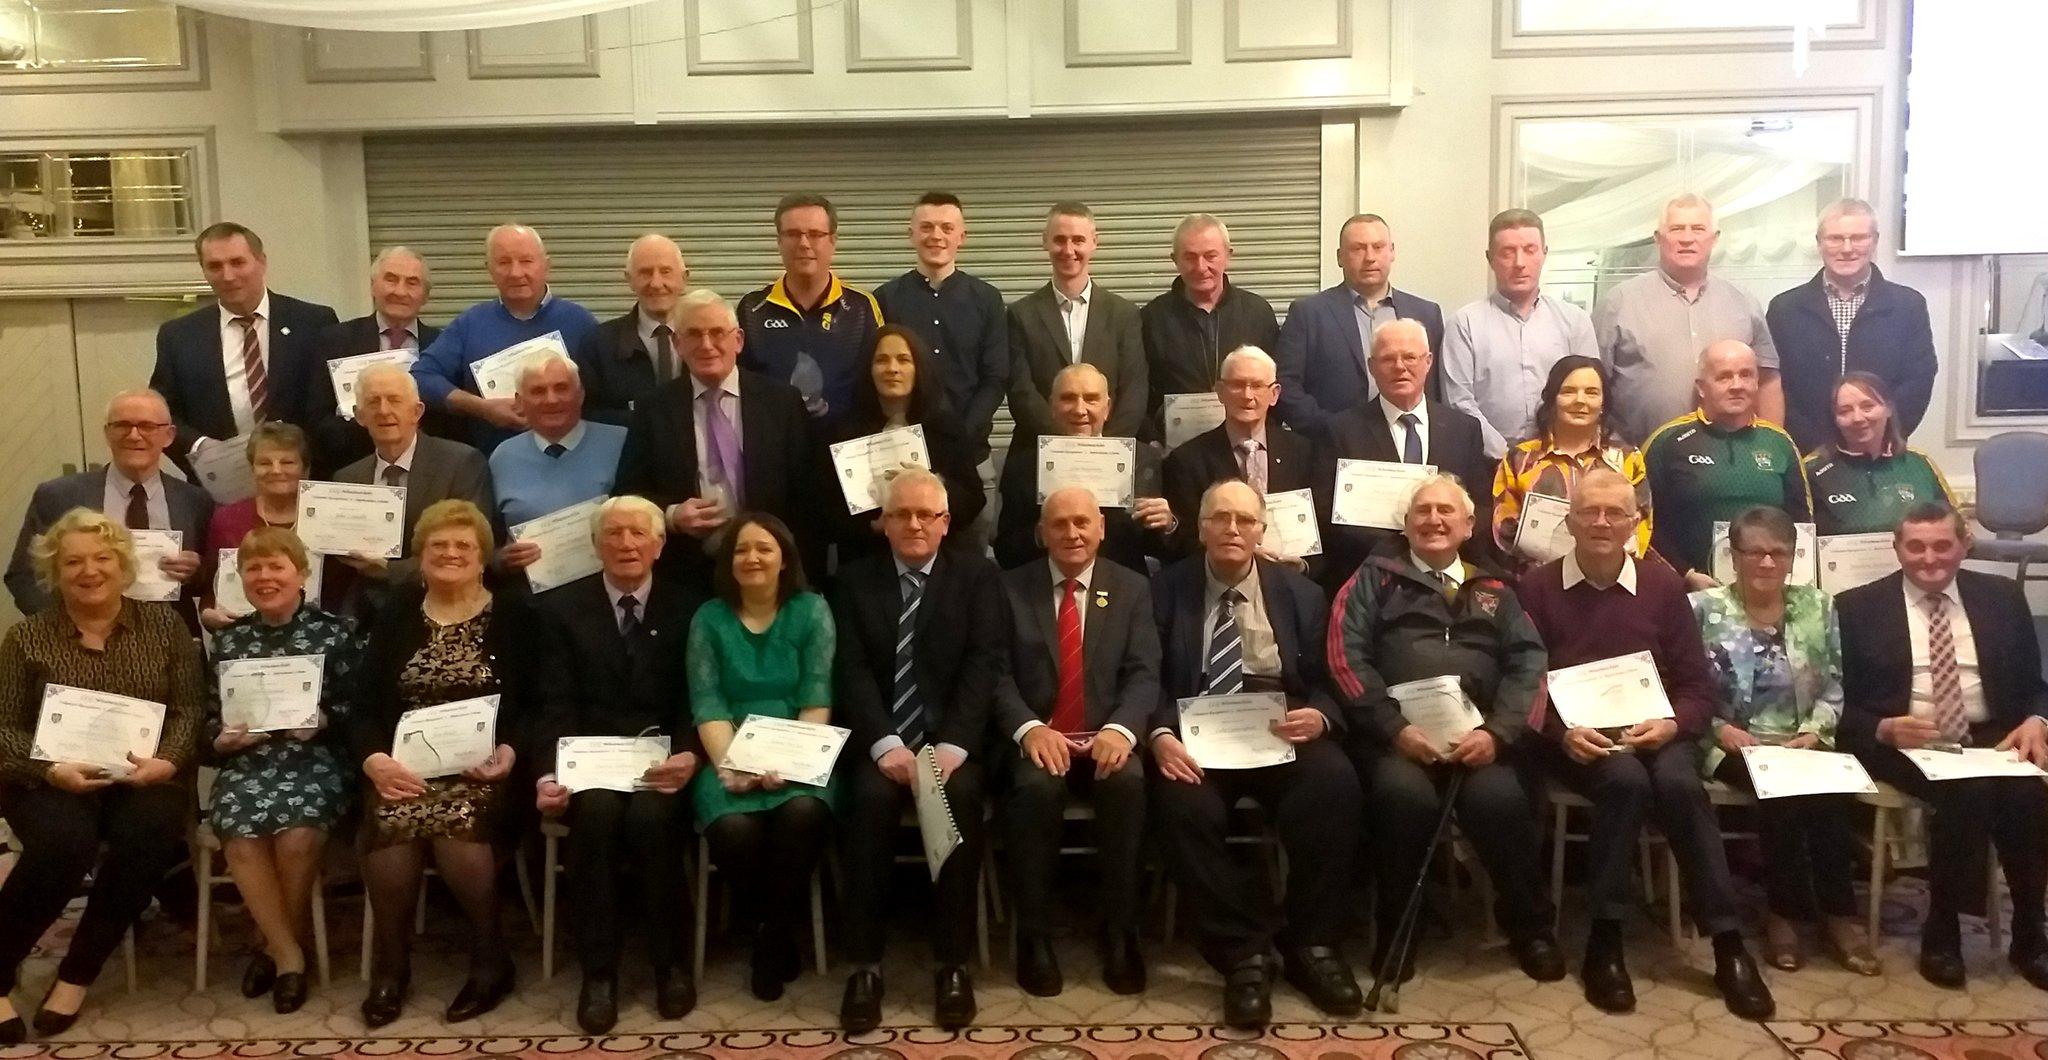 Monaghan GAA VolunteerRecognition& Appreciation Night 2019